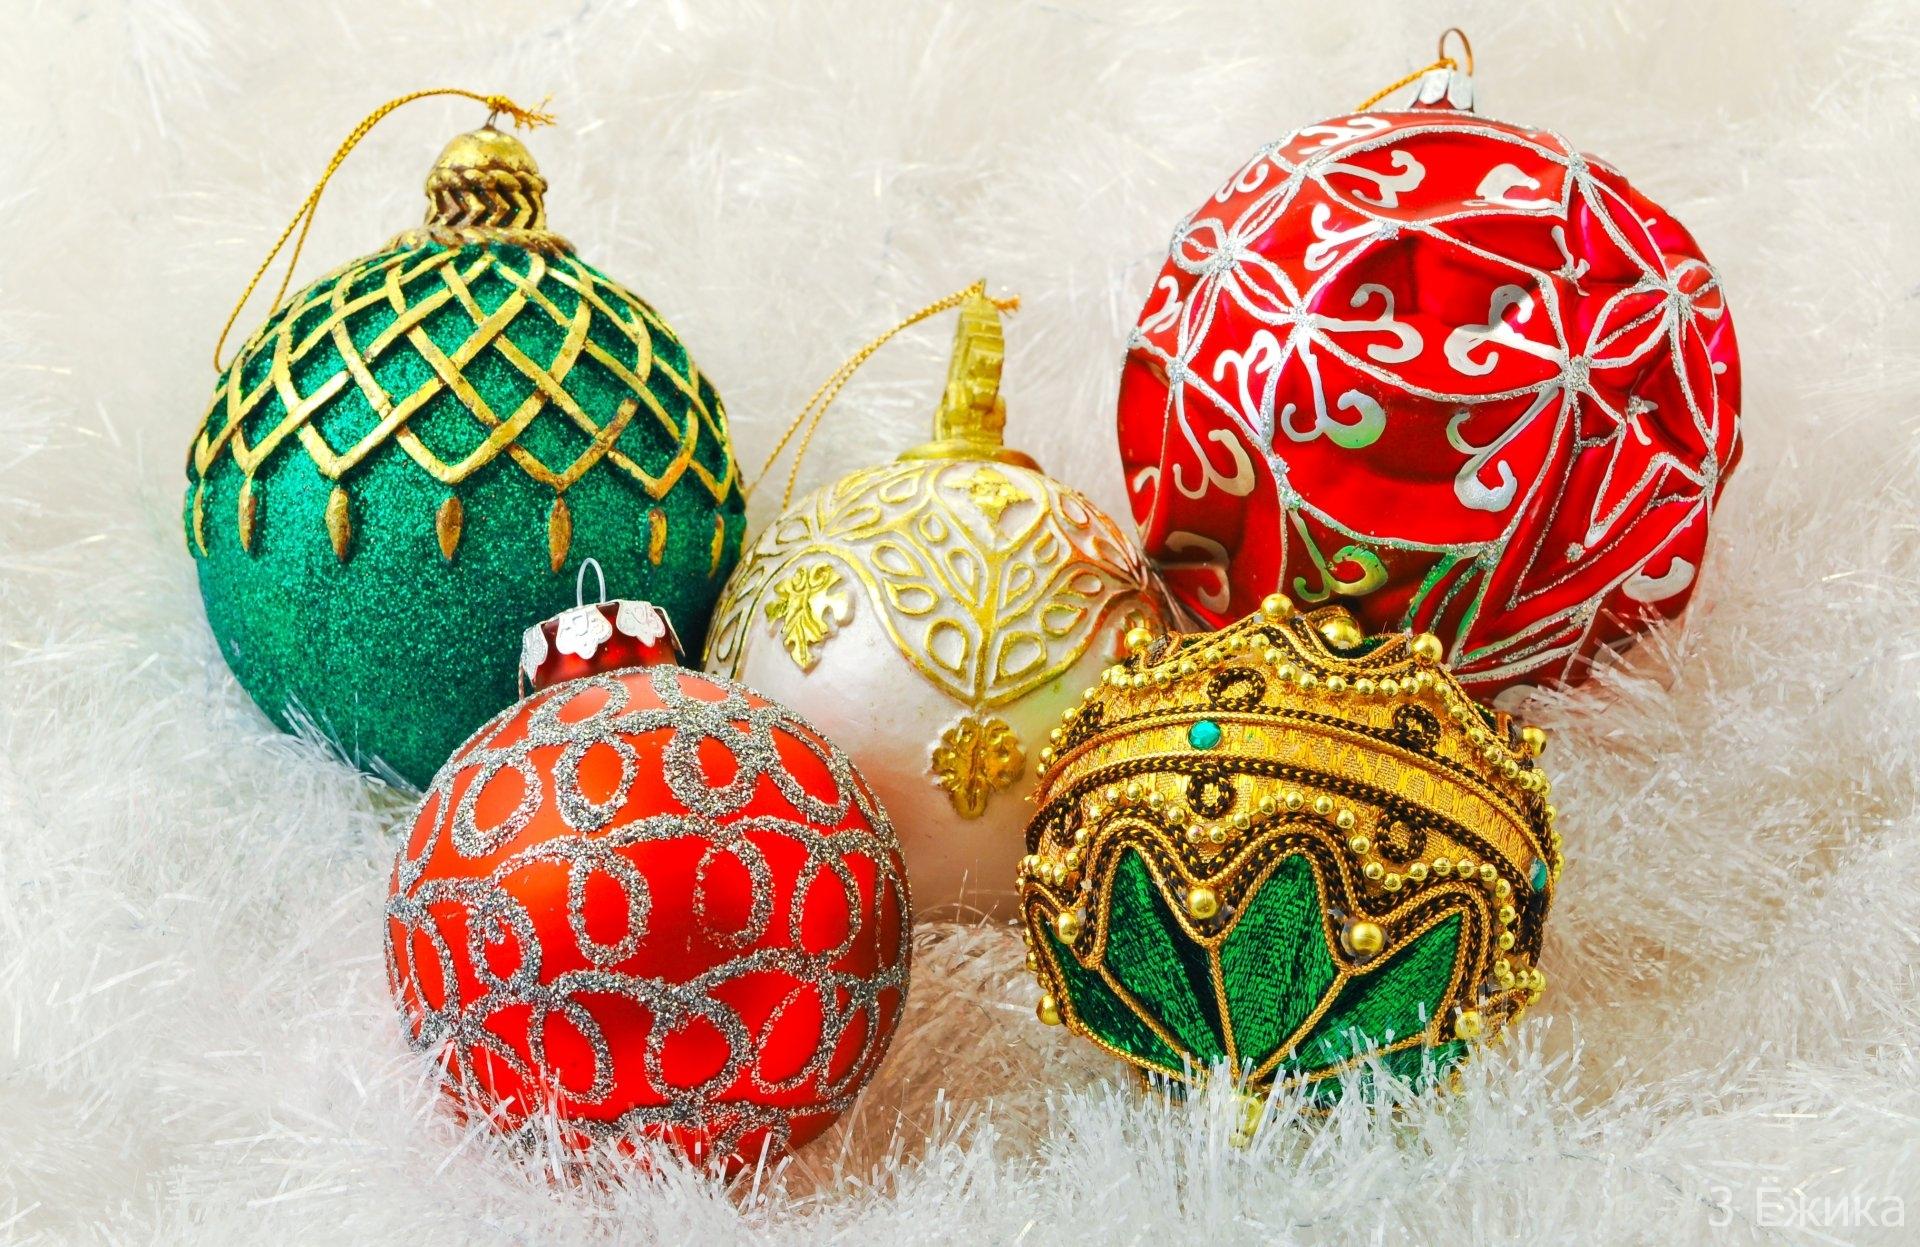 shary-krasnye-belye-zolotye-zelenye-igrushki-ukrasheniya-elochnye-dekoracii-prazdnik-novyj-god-new-year-christmas-rozhdestvo